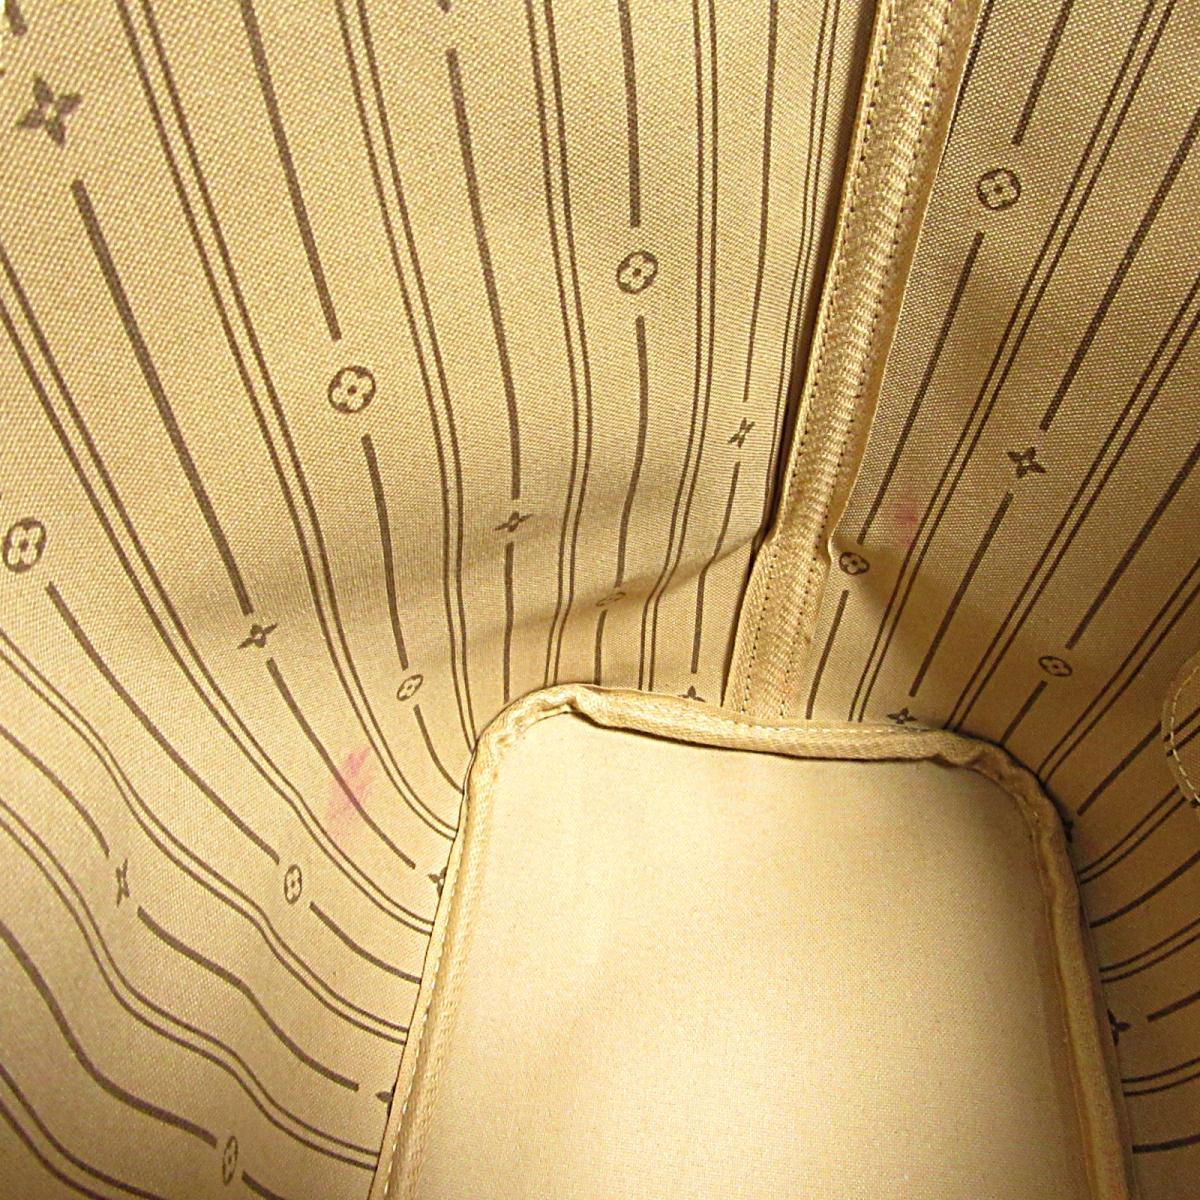 ルイヴィトン ネヴァーフルMM トートバッグ バッグ レディース モノグラムM40156LOUIS VUITTON BRANDOFF ブランドオフ ヴィトン ビトン ルイ・ヴィトン ブランド ブランドバッグ バック トートバック トートSUzMpqGV